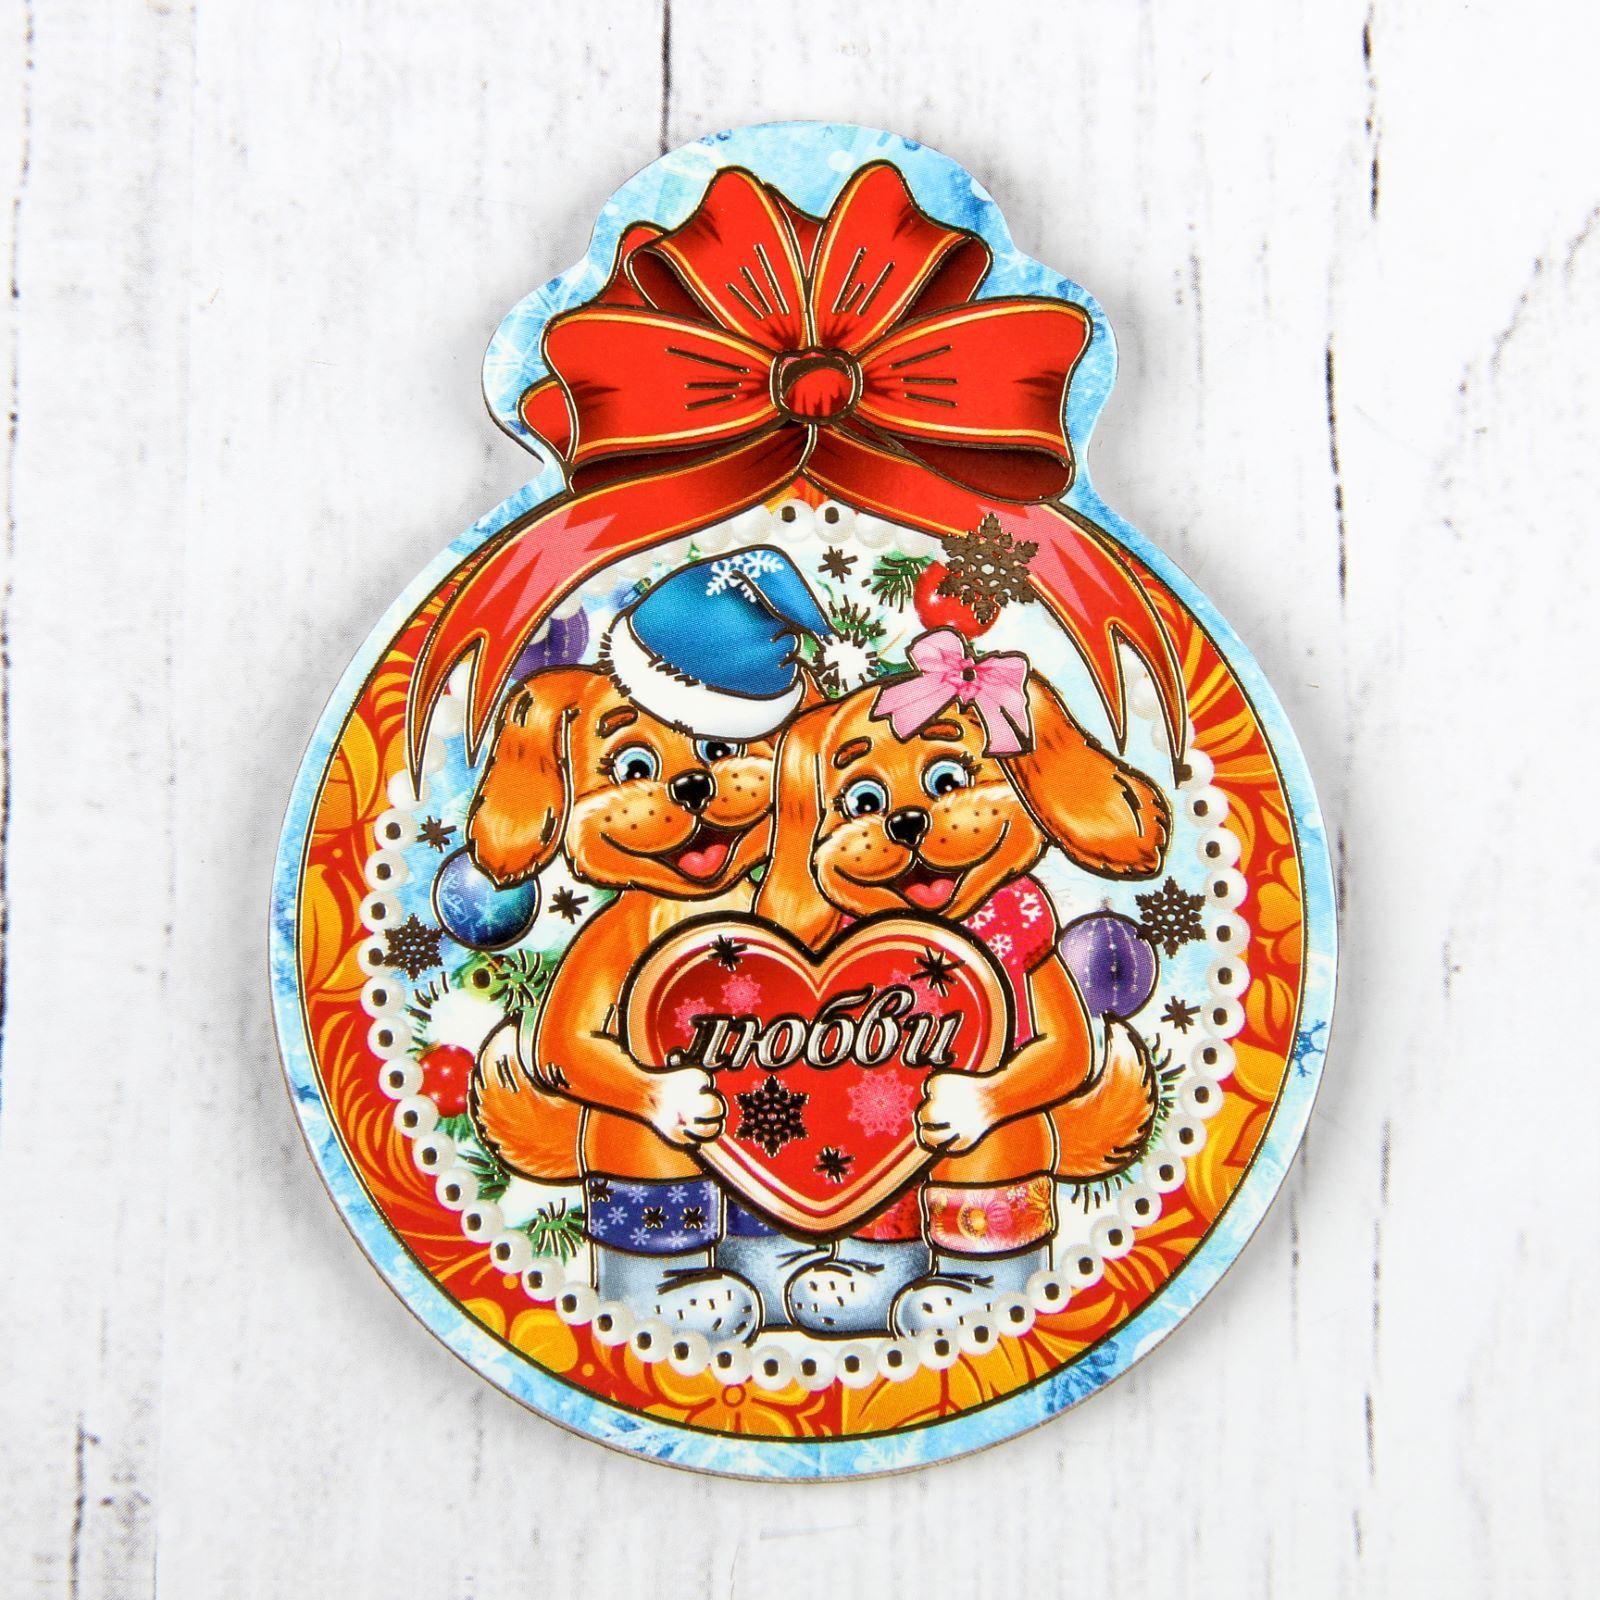 Магнит Sima-land Новогодний. 2018, 9,5 х7,5 см. 25323902532390Порадуйте родных и близких оригинальным сувениром: преподнесите в подарок магнит. С ним даже самый серьёзный человек почувствует себя ребёнком, ожидающим чудо! Создайте праздничное настроение, и оно останется с вами на весь год.